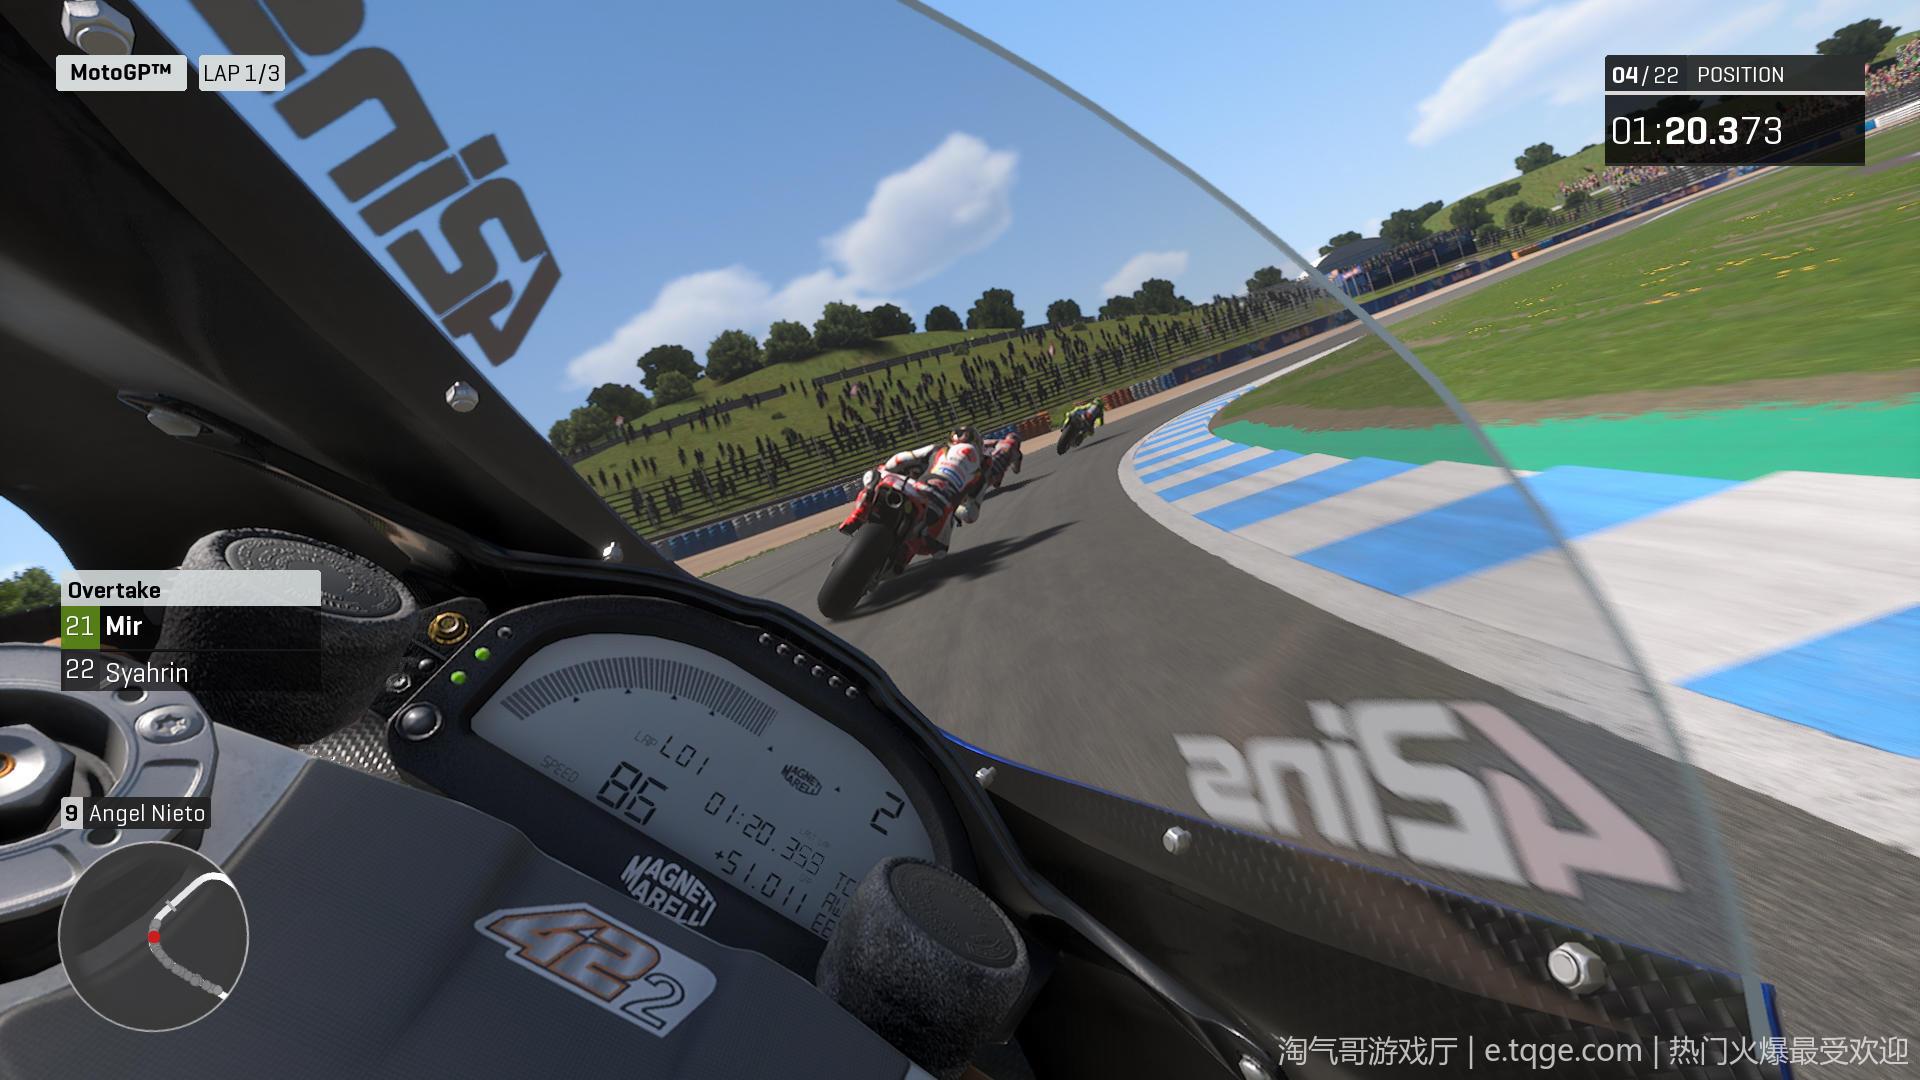 世界摩托大奖赛20/摩托GP20 热门游戏 第8张